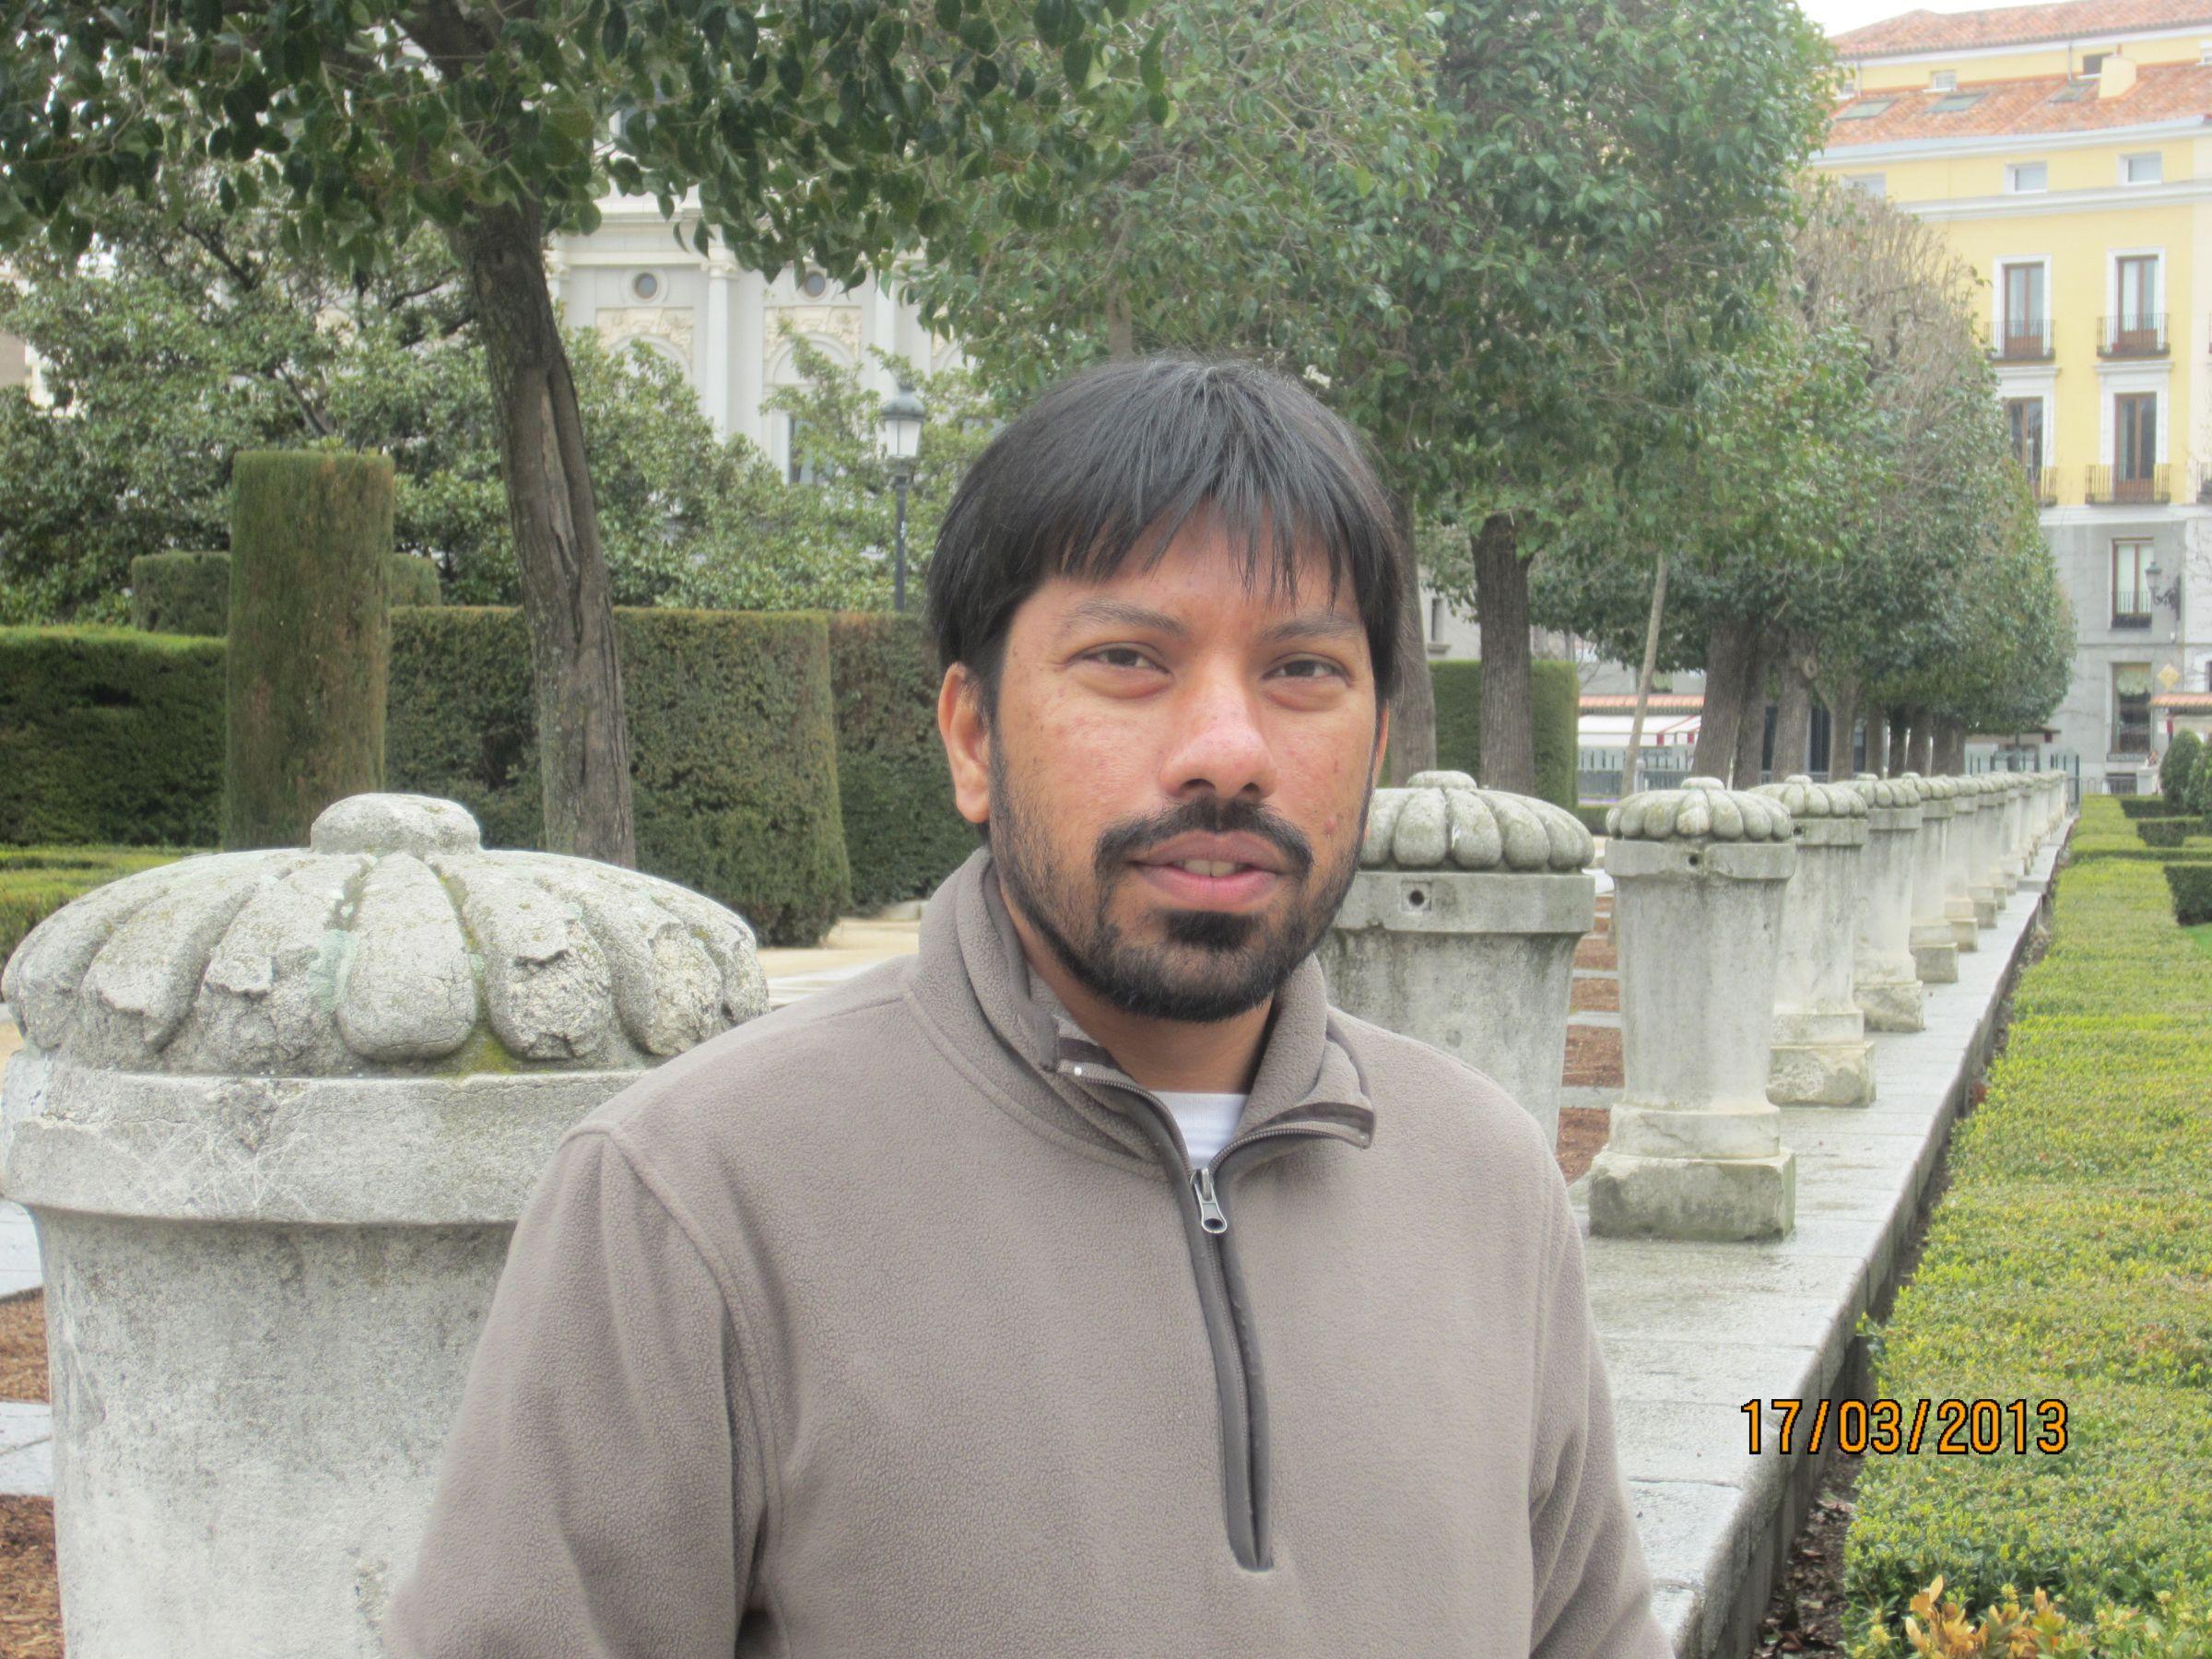 Syed Kazmi